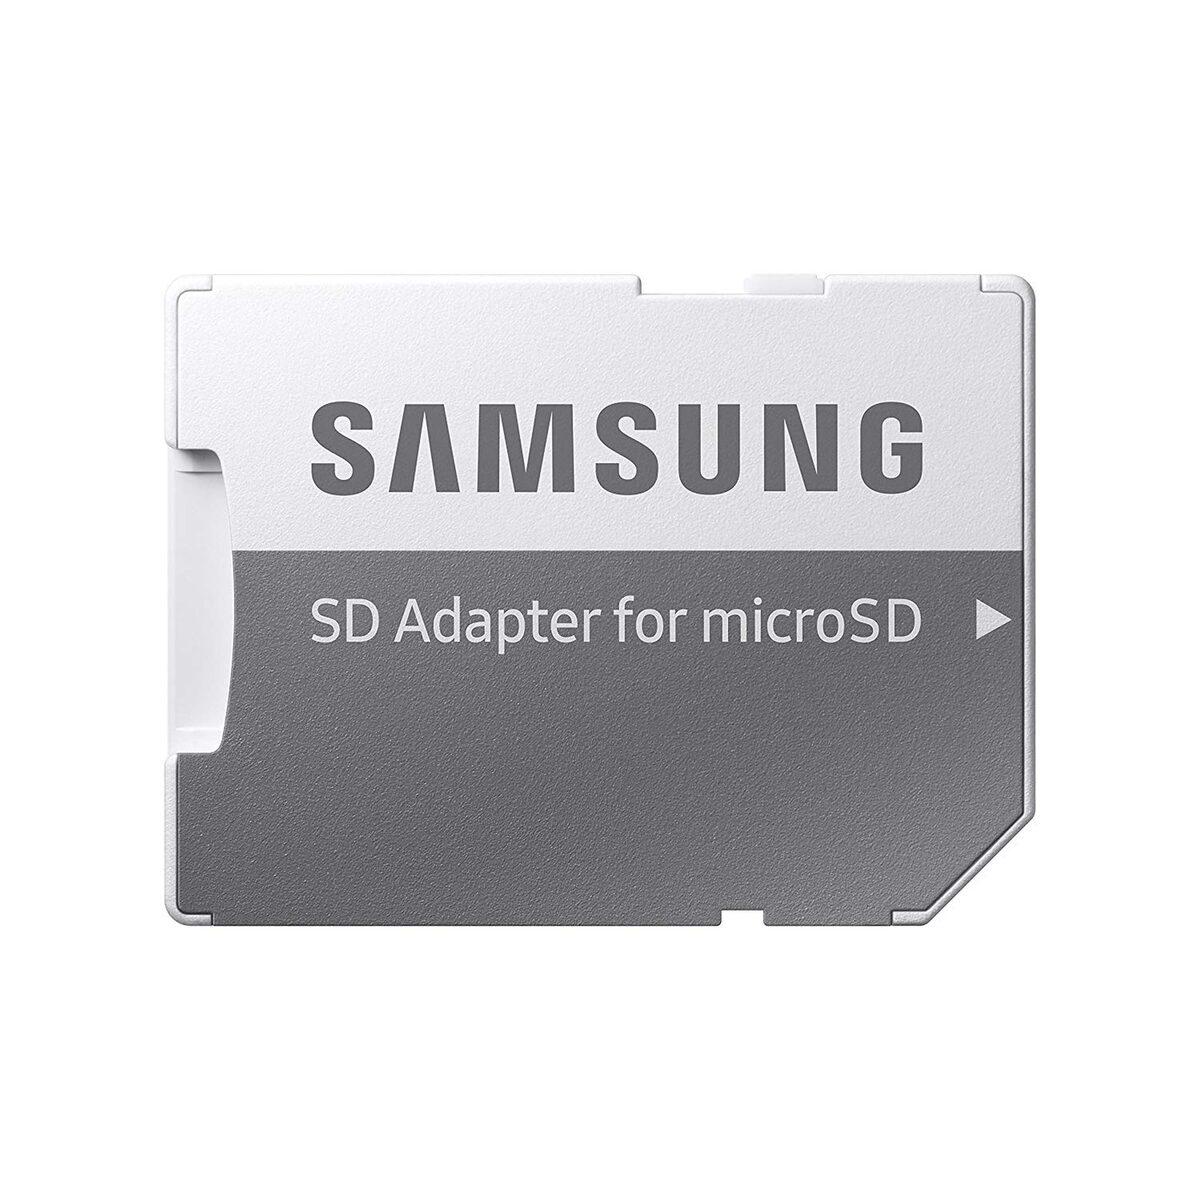 Bild 3 von Samsung microSD EVO Plus + SD Adapter »Geeignet für 4K UHD Super Slow Motion Aufnahmen«